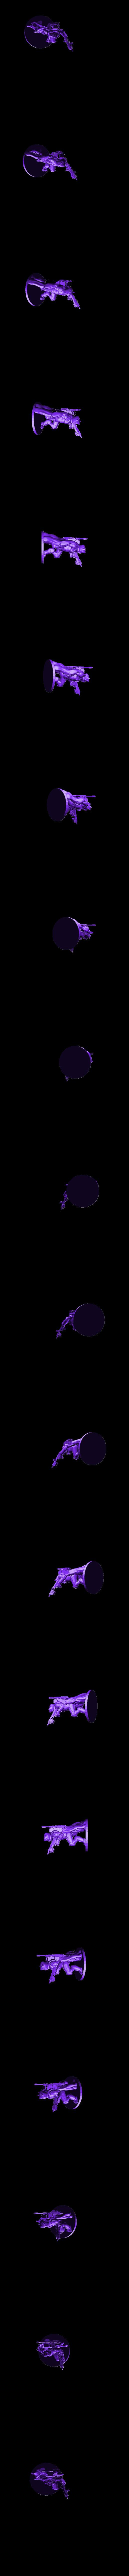 Taser.stl Télécharger fichier STL gratuit Chat Taser • Objet à imprimer en 3D, mrhers2